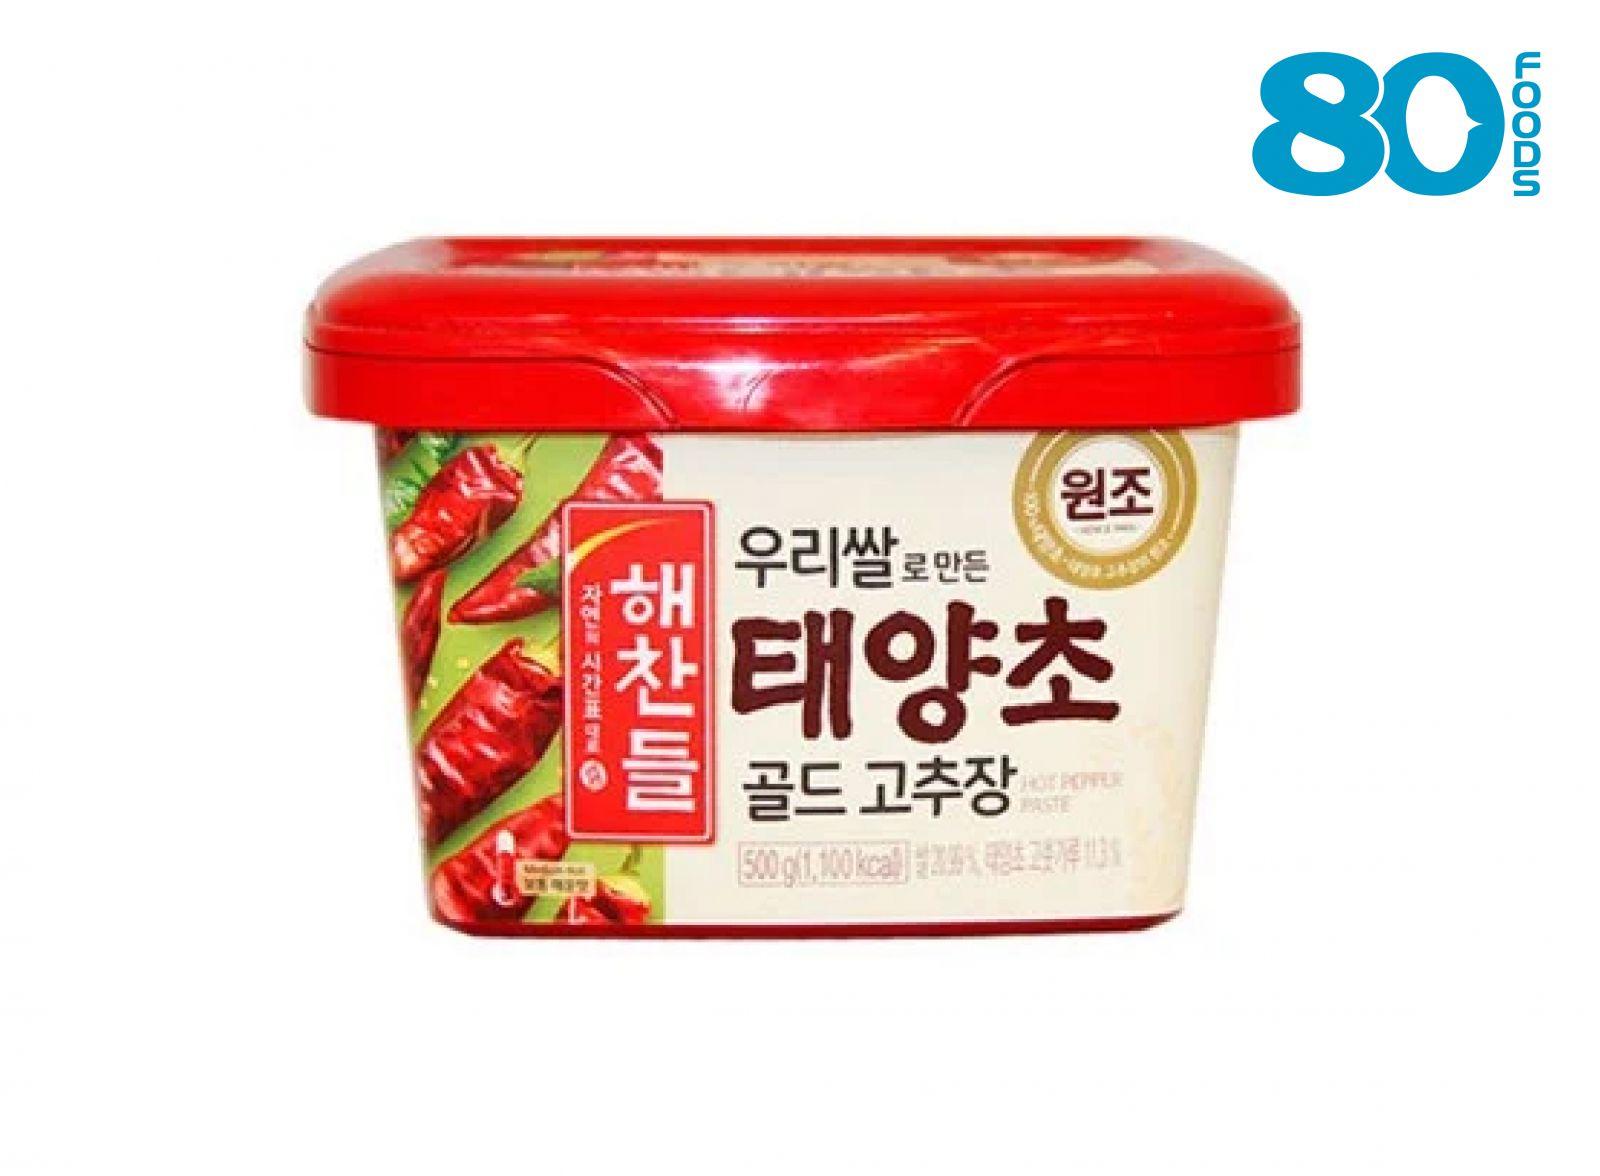 Sốt ớt đỏ và giấm HAECHANDLE